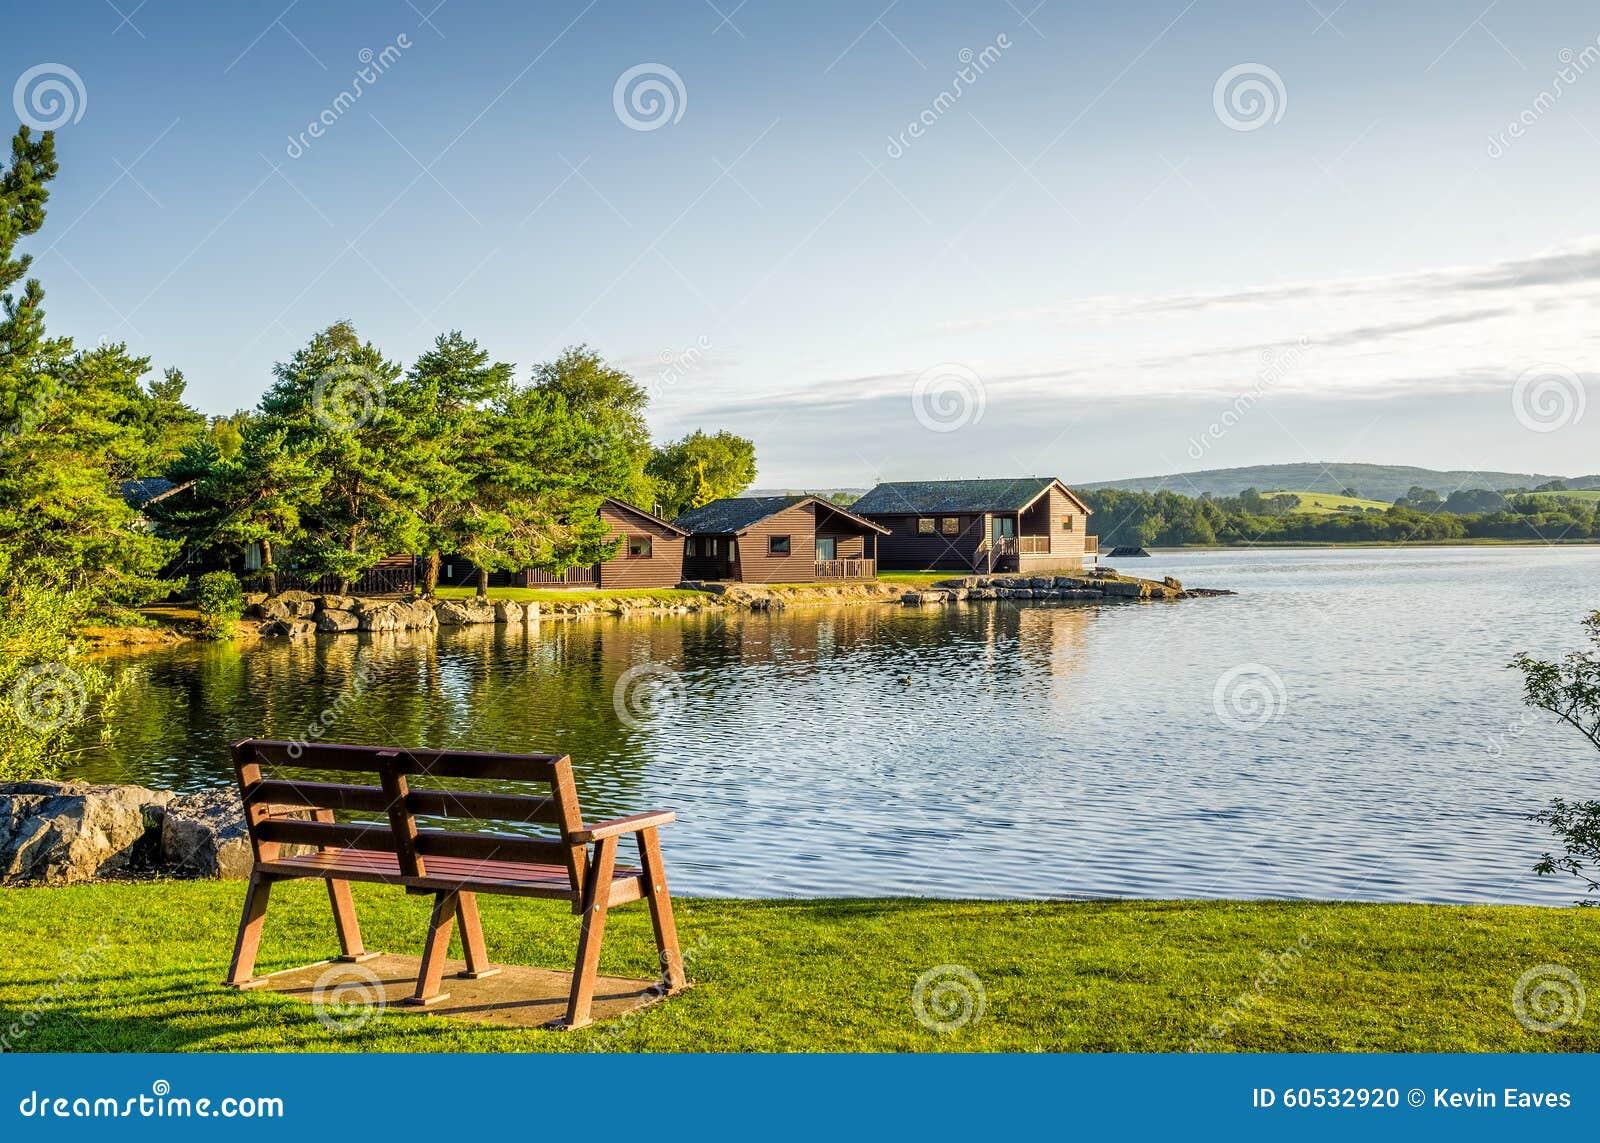 Ferienpark mit hölzernen Häuschen